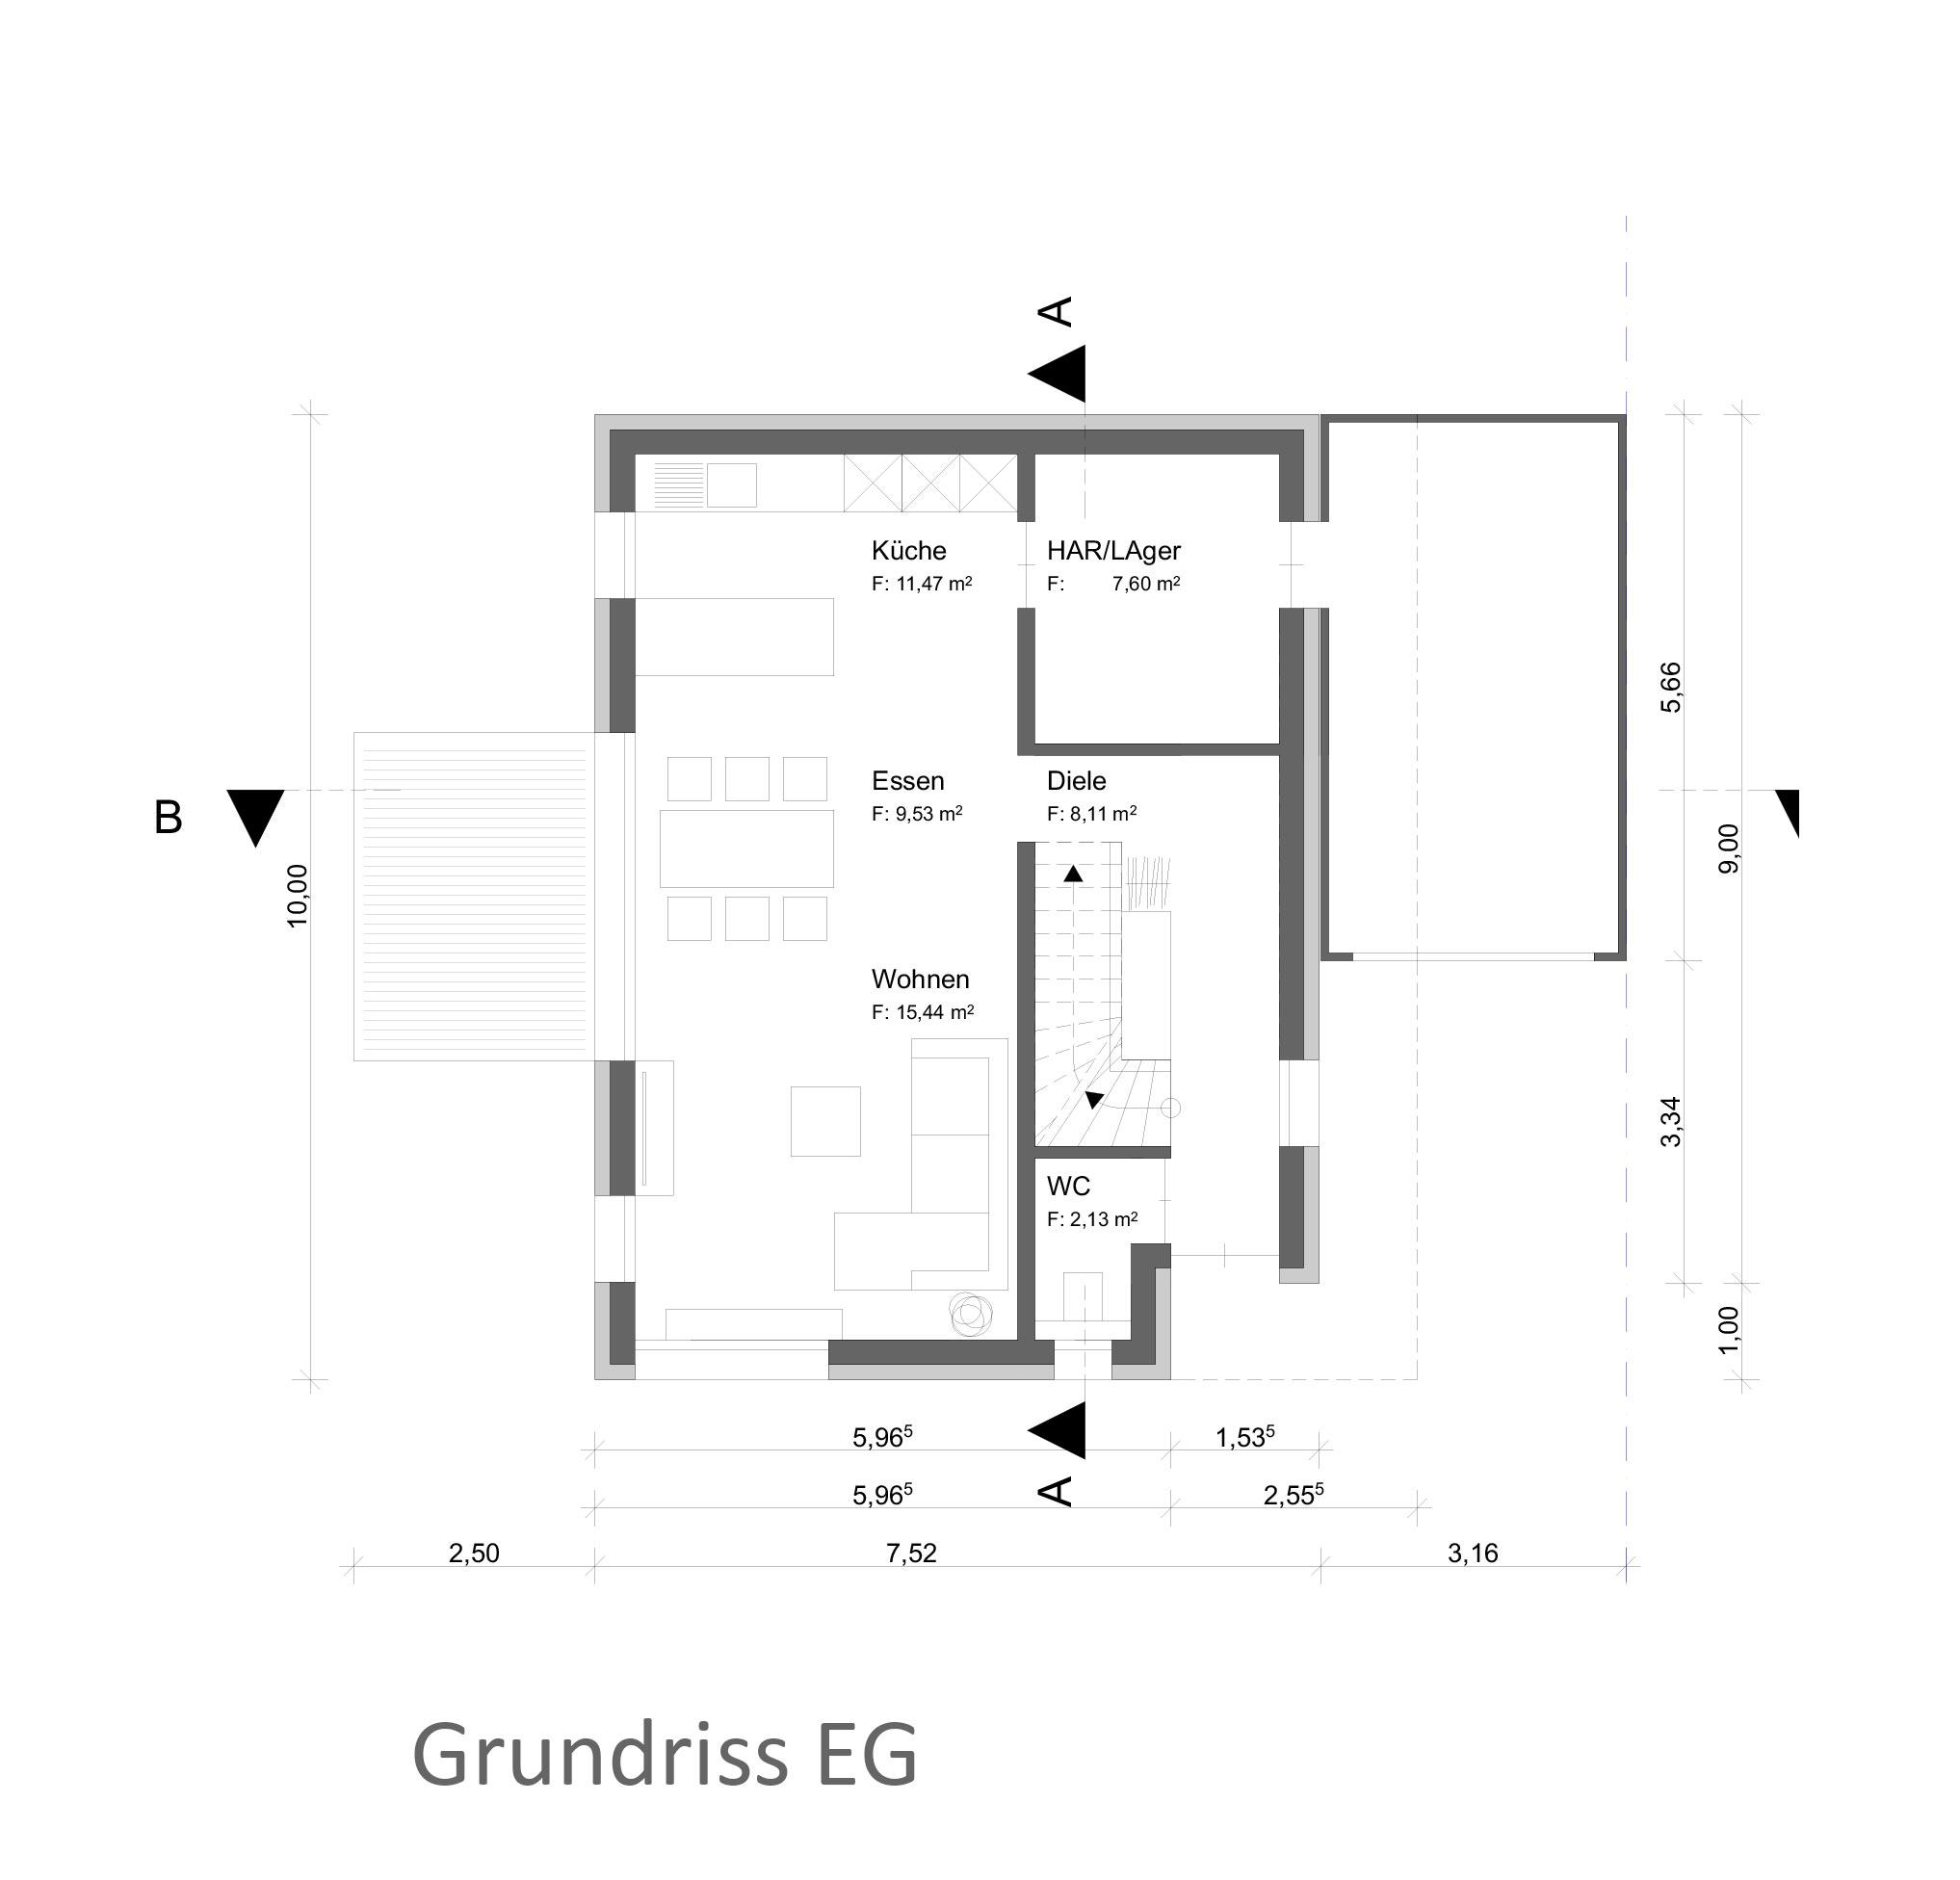 8Einfamilienhäuser Bauträger Grundriss Stutensee Bahnhof